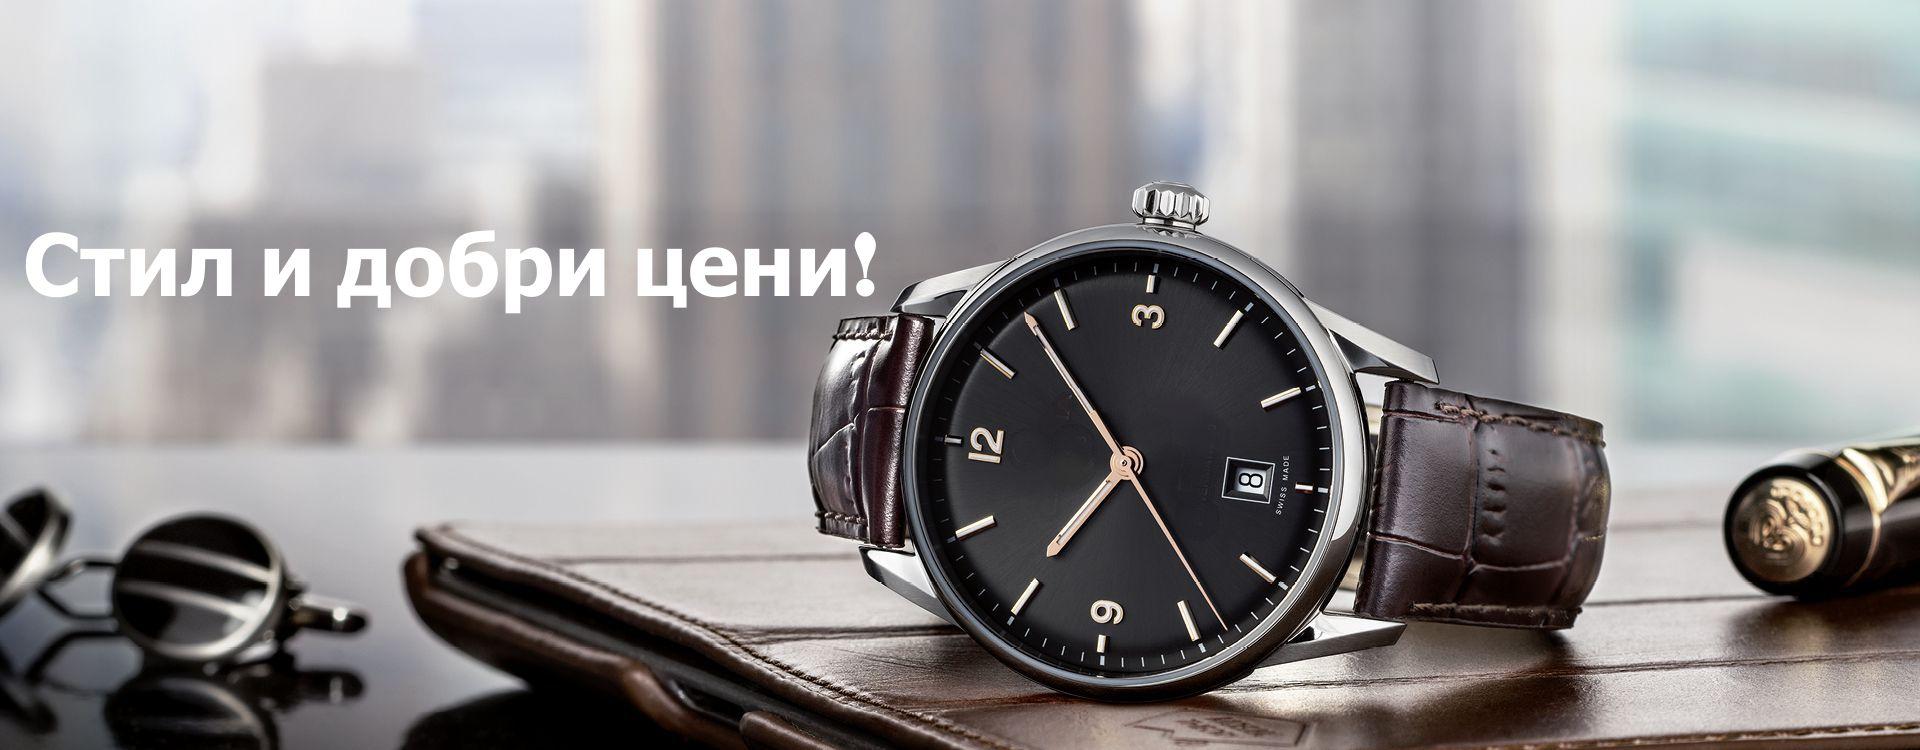 Онлайн магазин за мъжки и дамски часовници